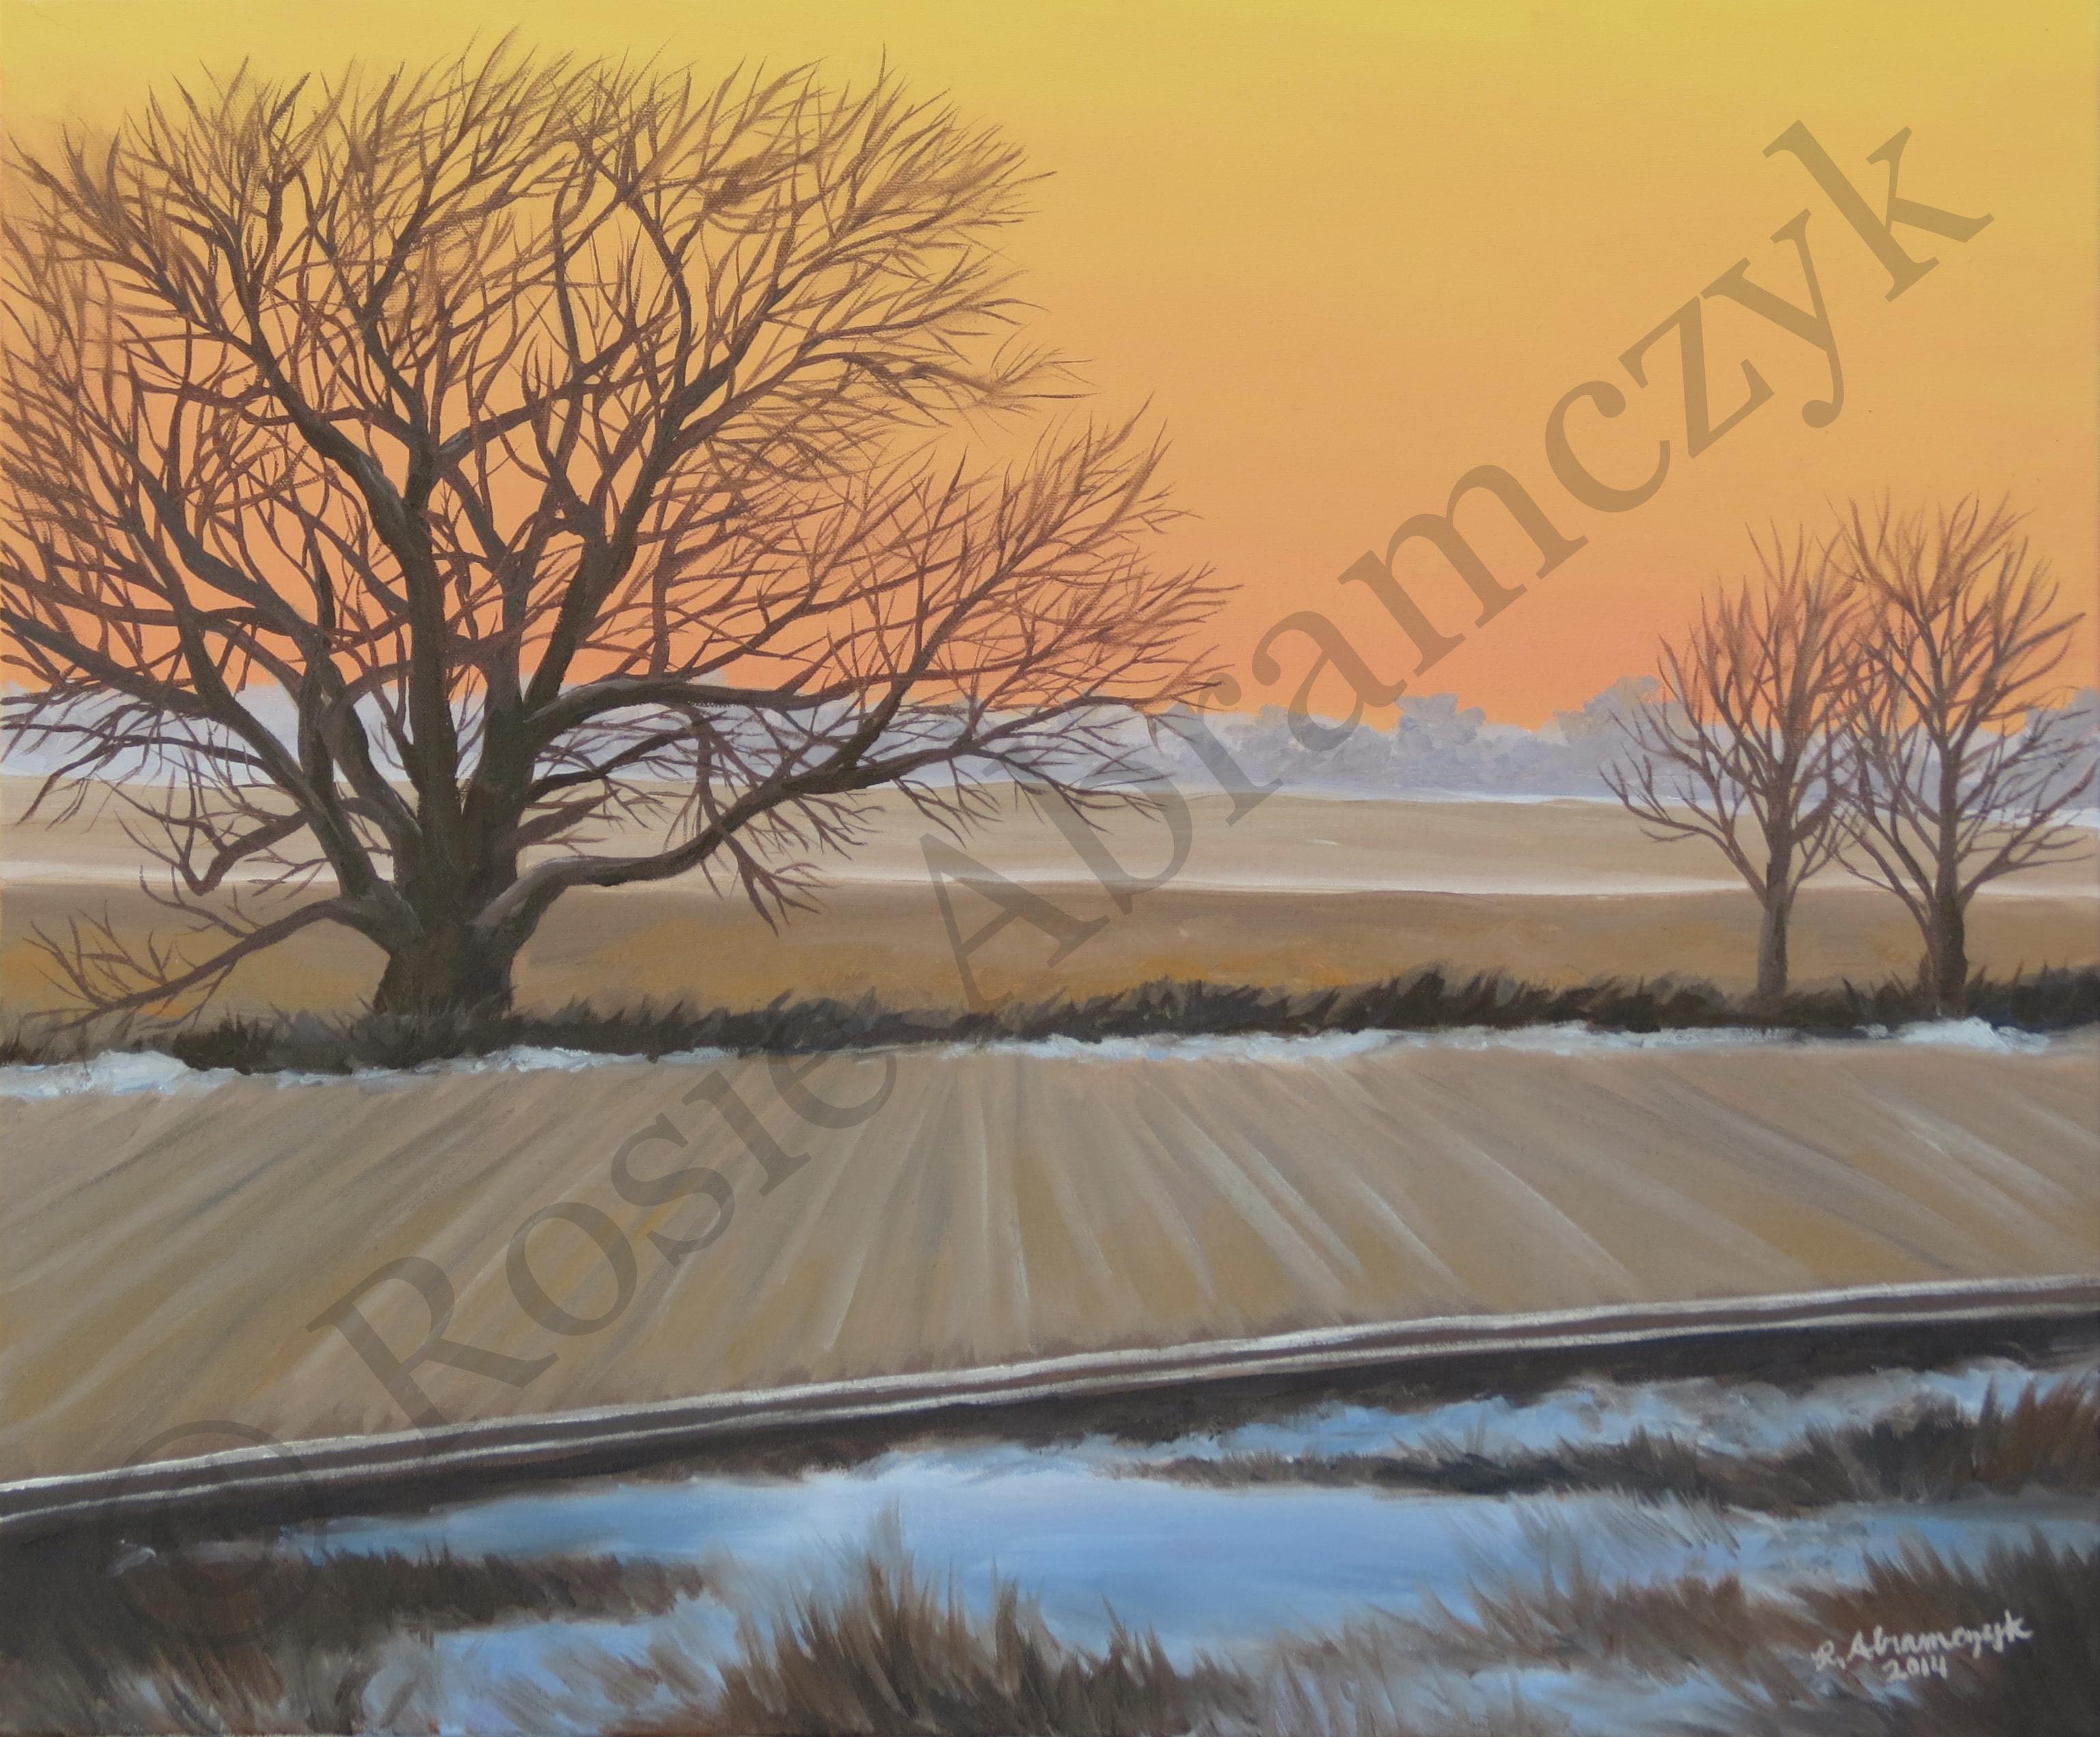 Winter Landscape Near Beloit, KS, by Rosie Abramczyk, Oil Paint, 2014